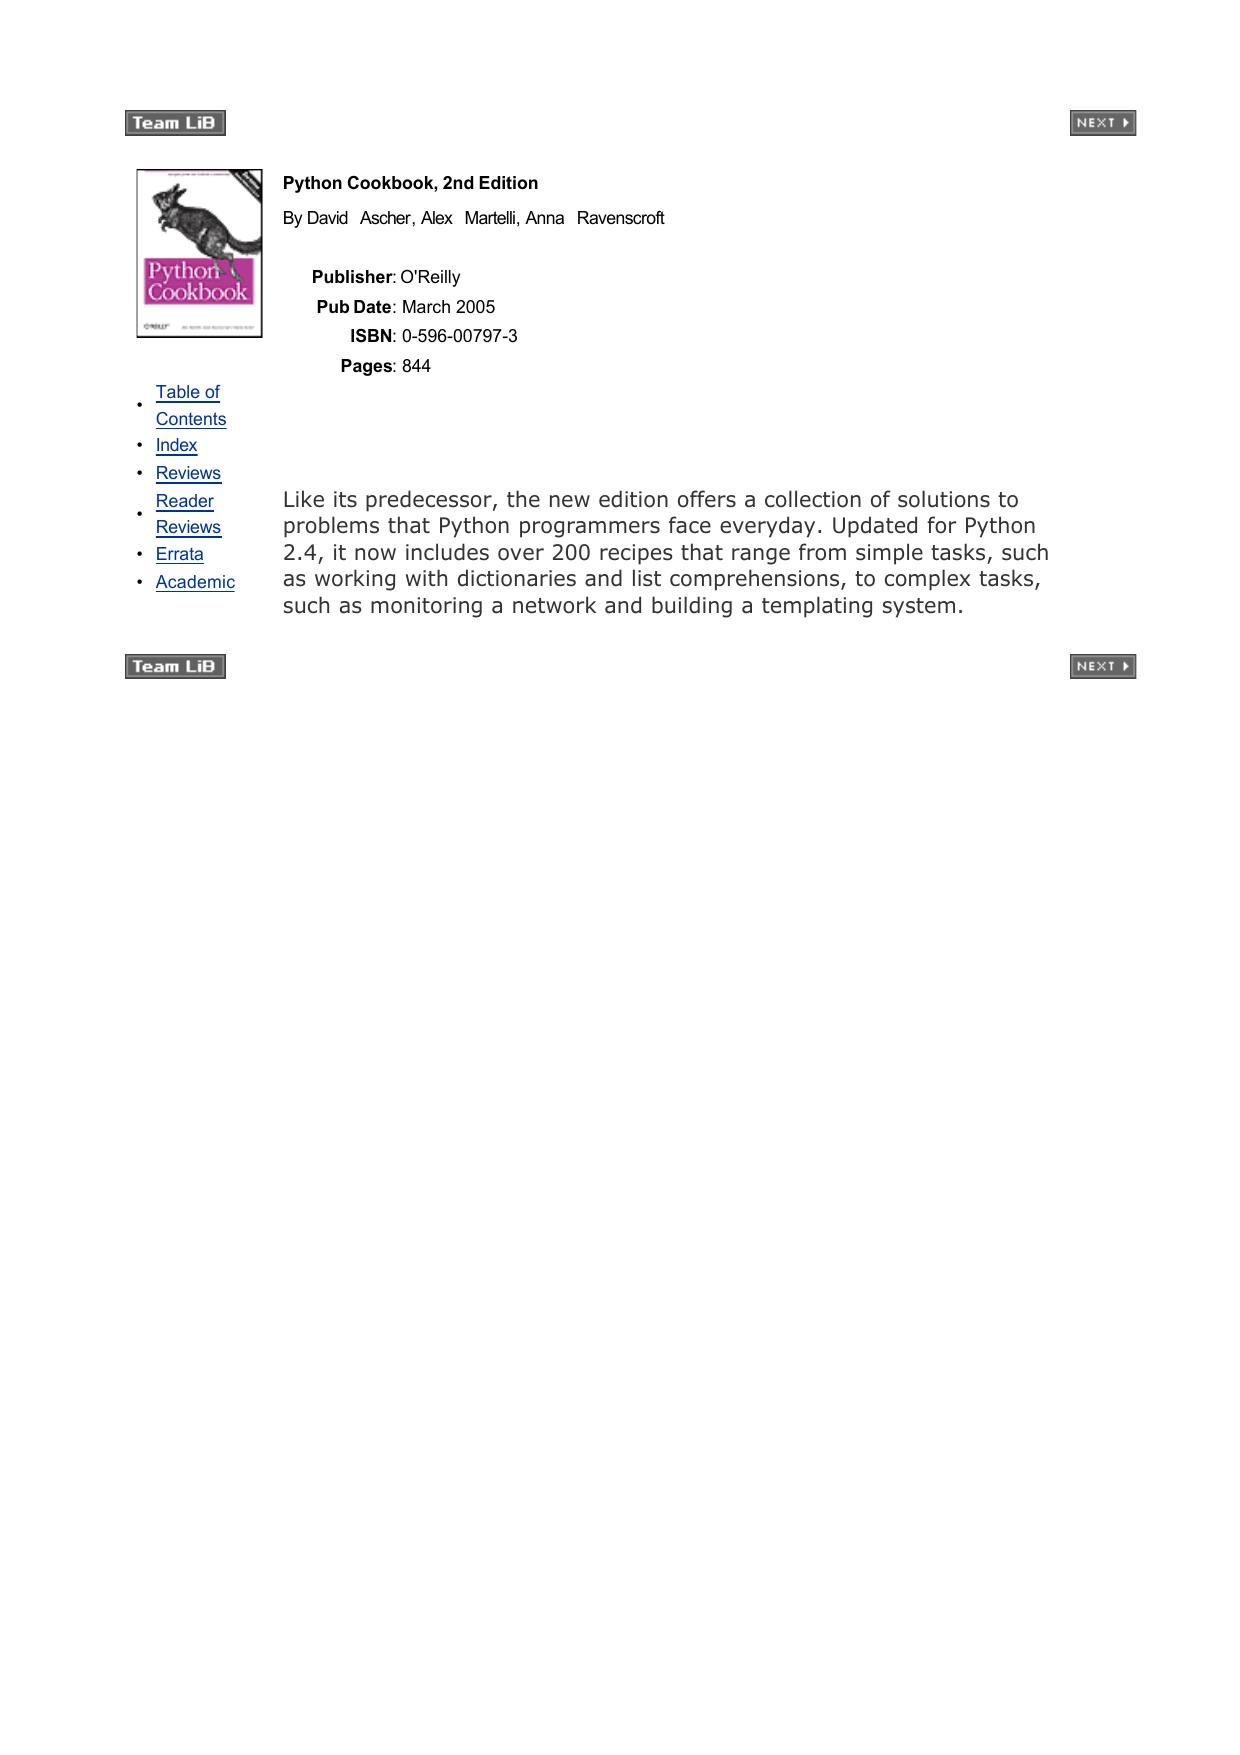 Python Cookbook, 2nd Edition (2005)